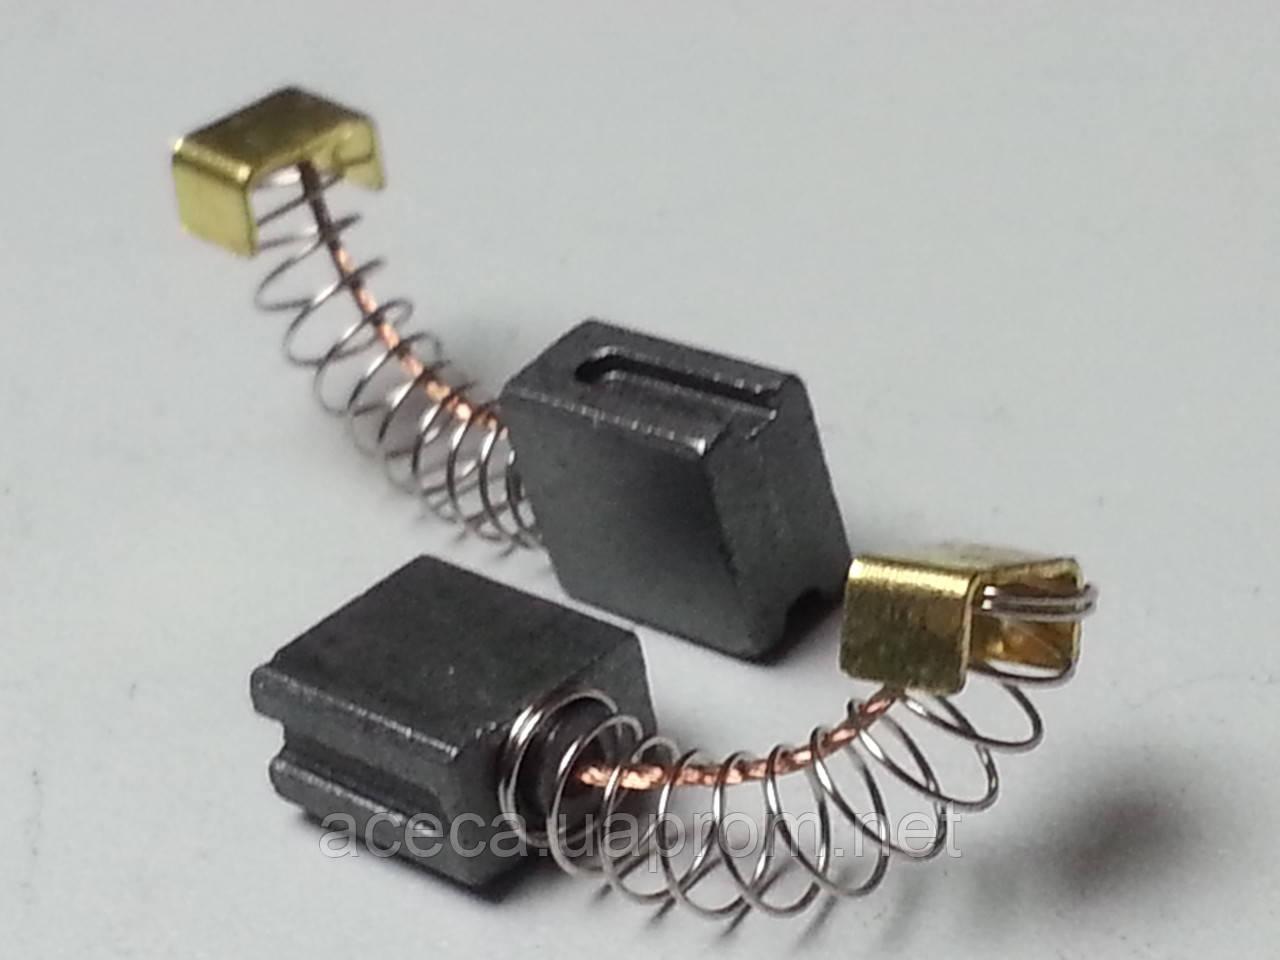 Щетка графитовая к электроинструменту (6*10*11)